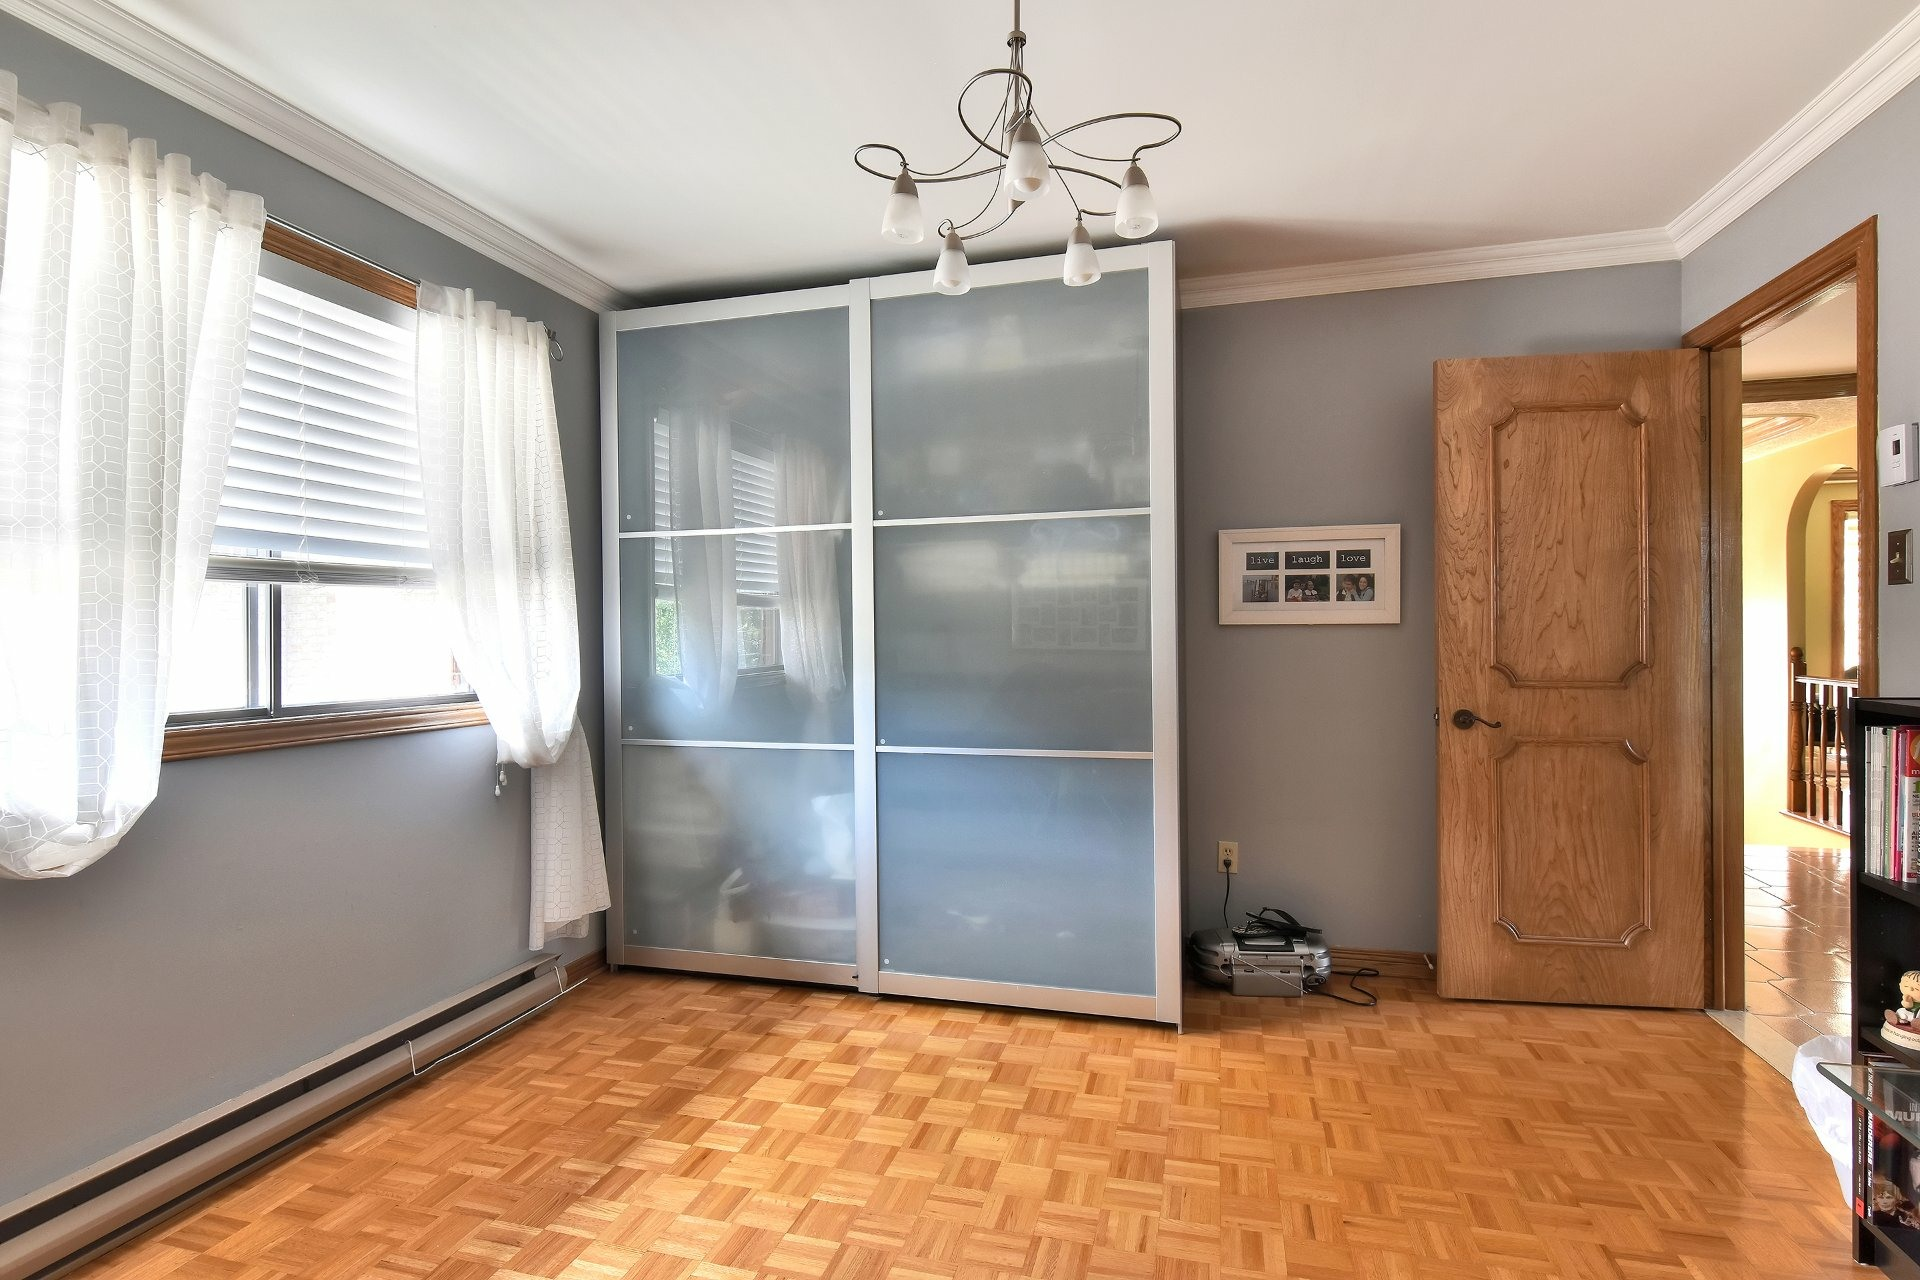 image 19 - Maison À vendre Rivière-des-Prairies/Pointe-aux-Trembles Montréal  - 14 pièces